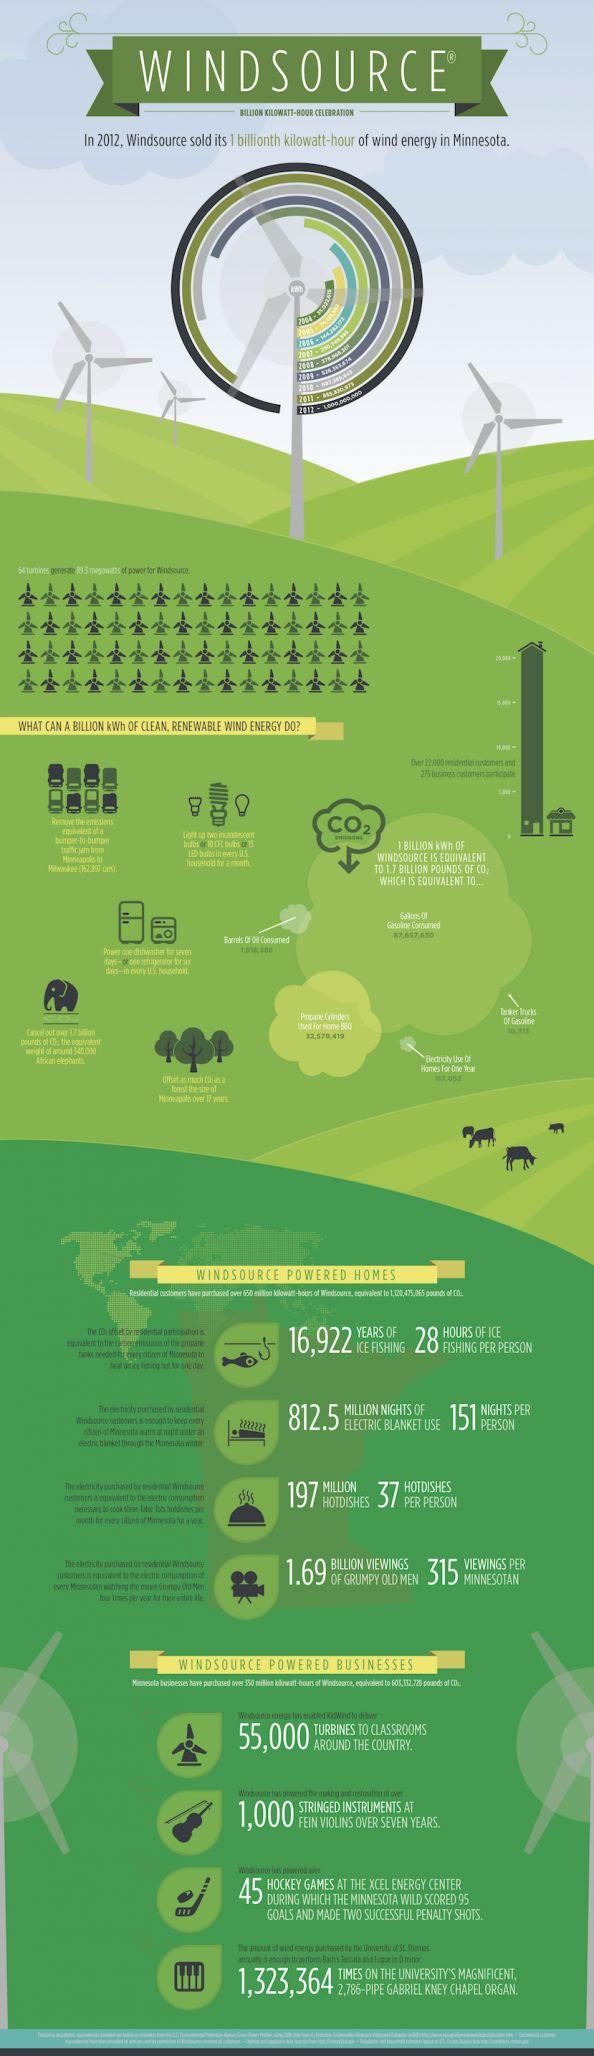 windsource: renewable energy Infographic